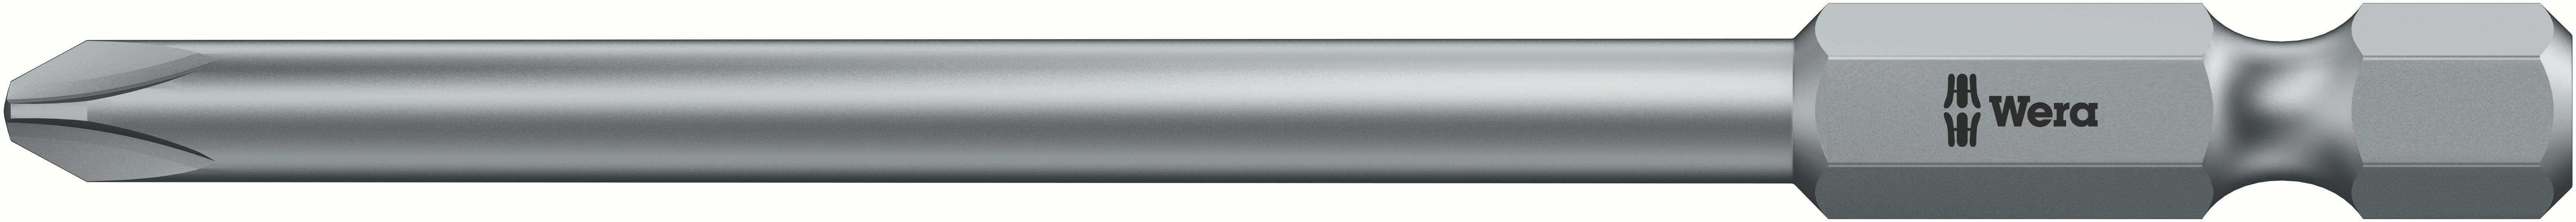 Predĺžený krížový bit Wera 851 / 4 Z PH 2 X 70 MM;6 mm 05 059770 001, nástrojová oceľ, 1 ks